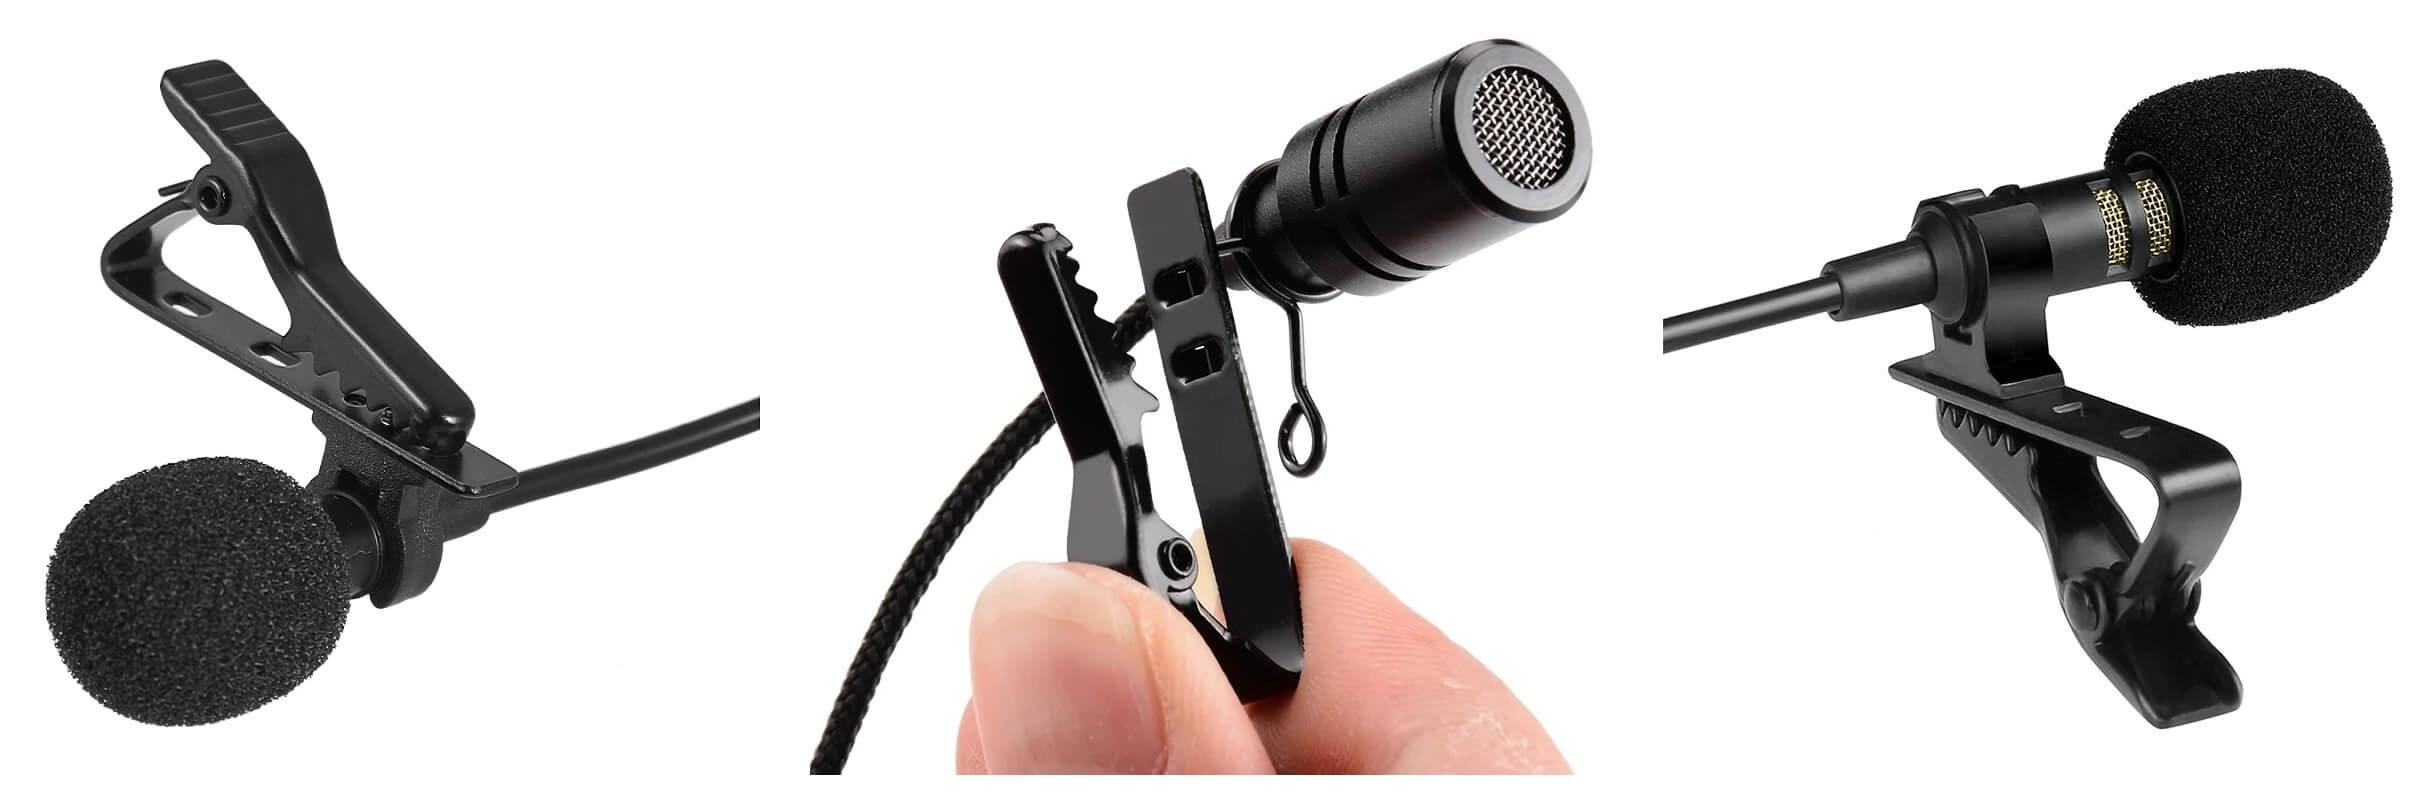 ТОП-10 петличных микрофонов с Алиэкспресс